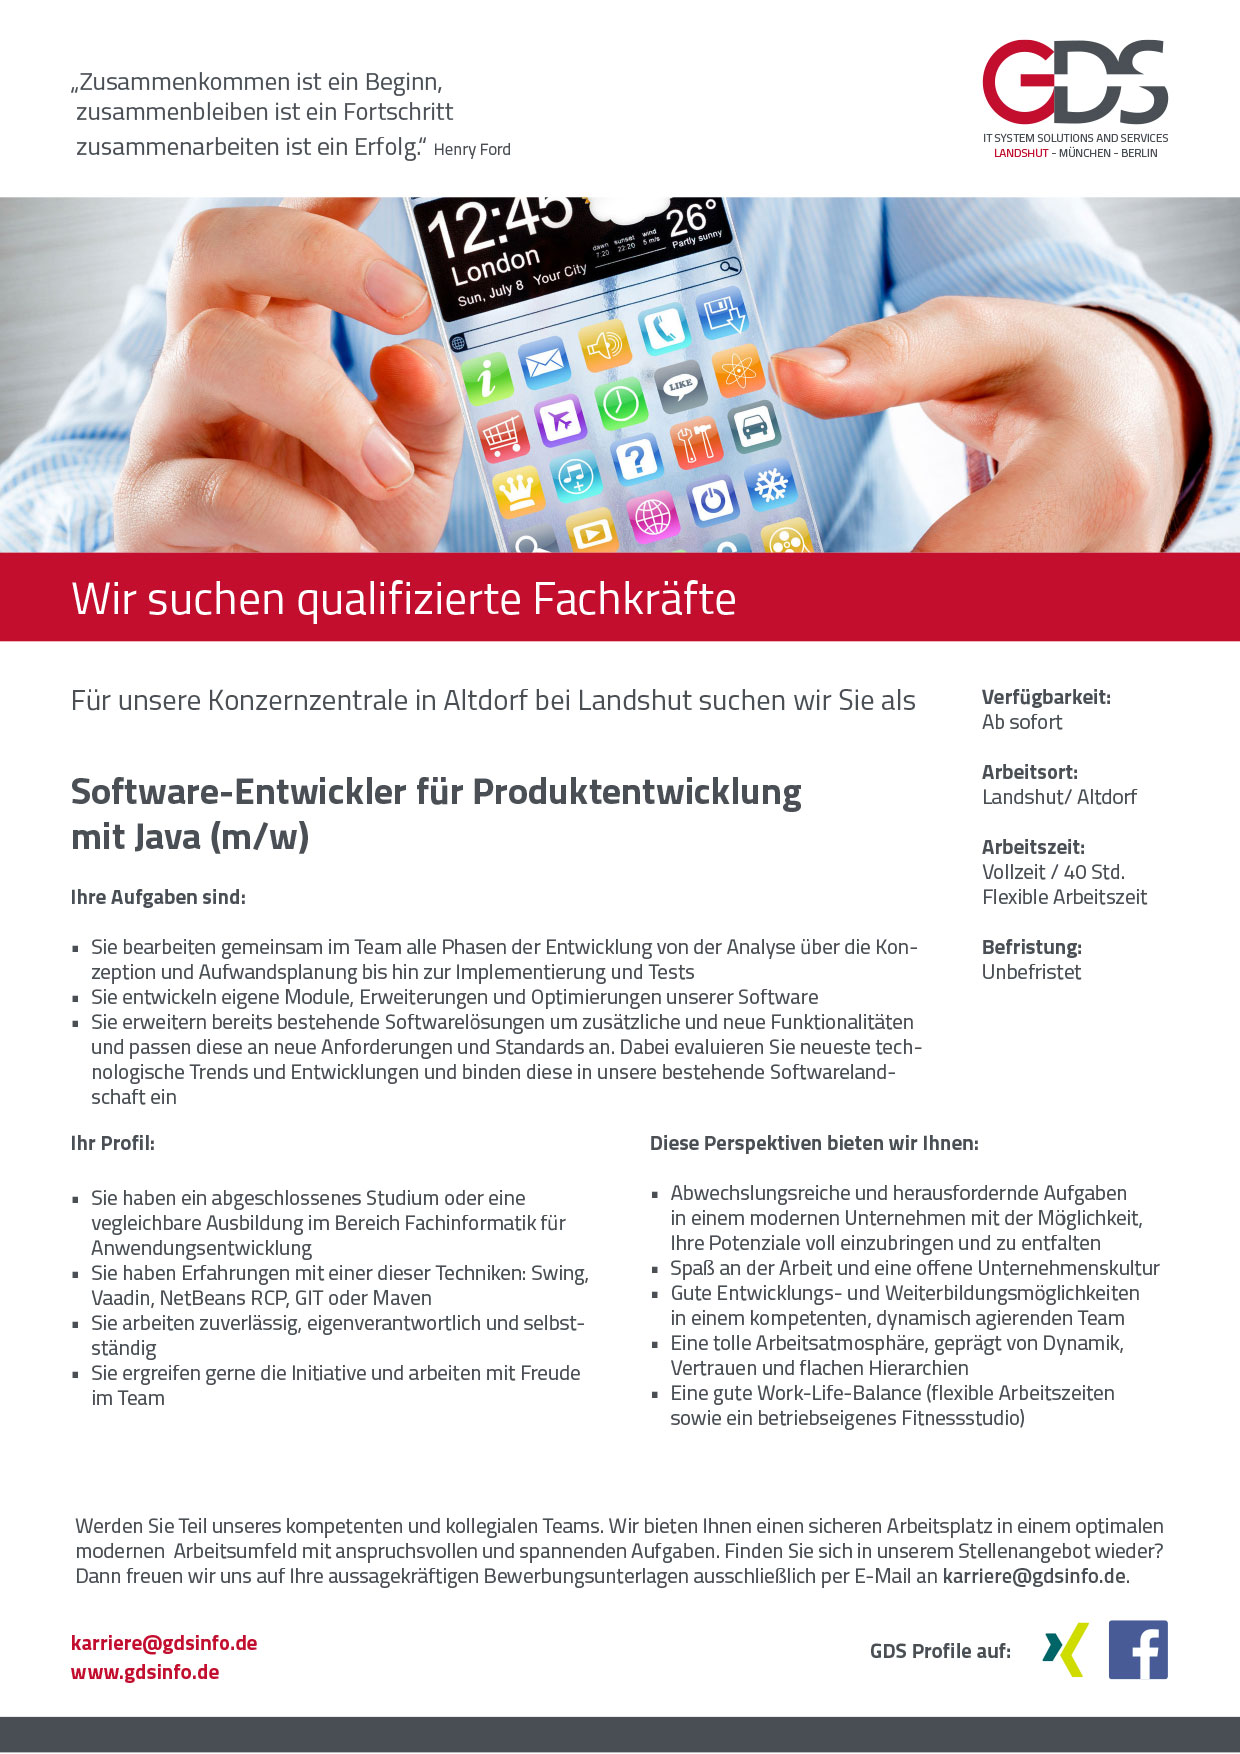 Software-Entwickler für Produktentwicklung mit Java (m/w) Standort Altdorf/Landshut